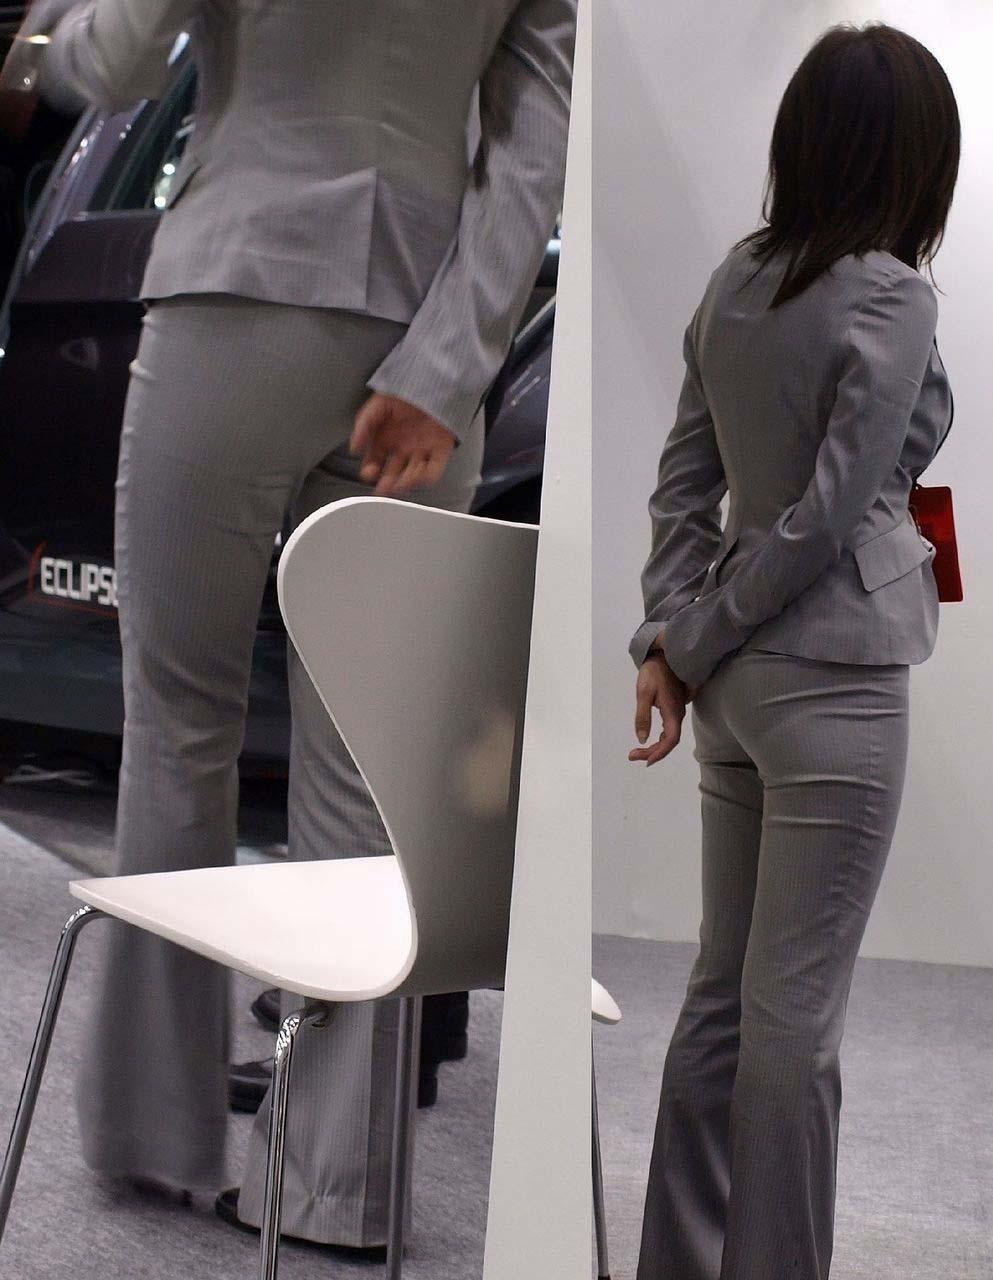 街撮りしたOLさんのパンツスーツのお尻画像っていいよね 。 0ddmEd7